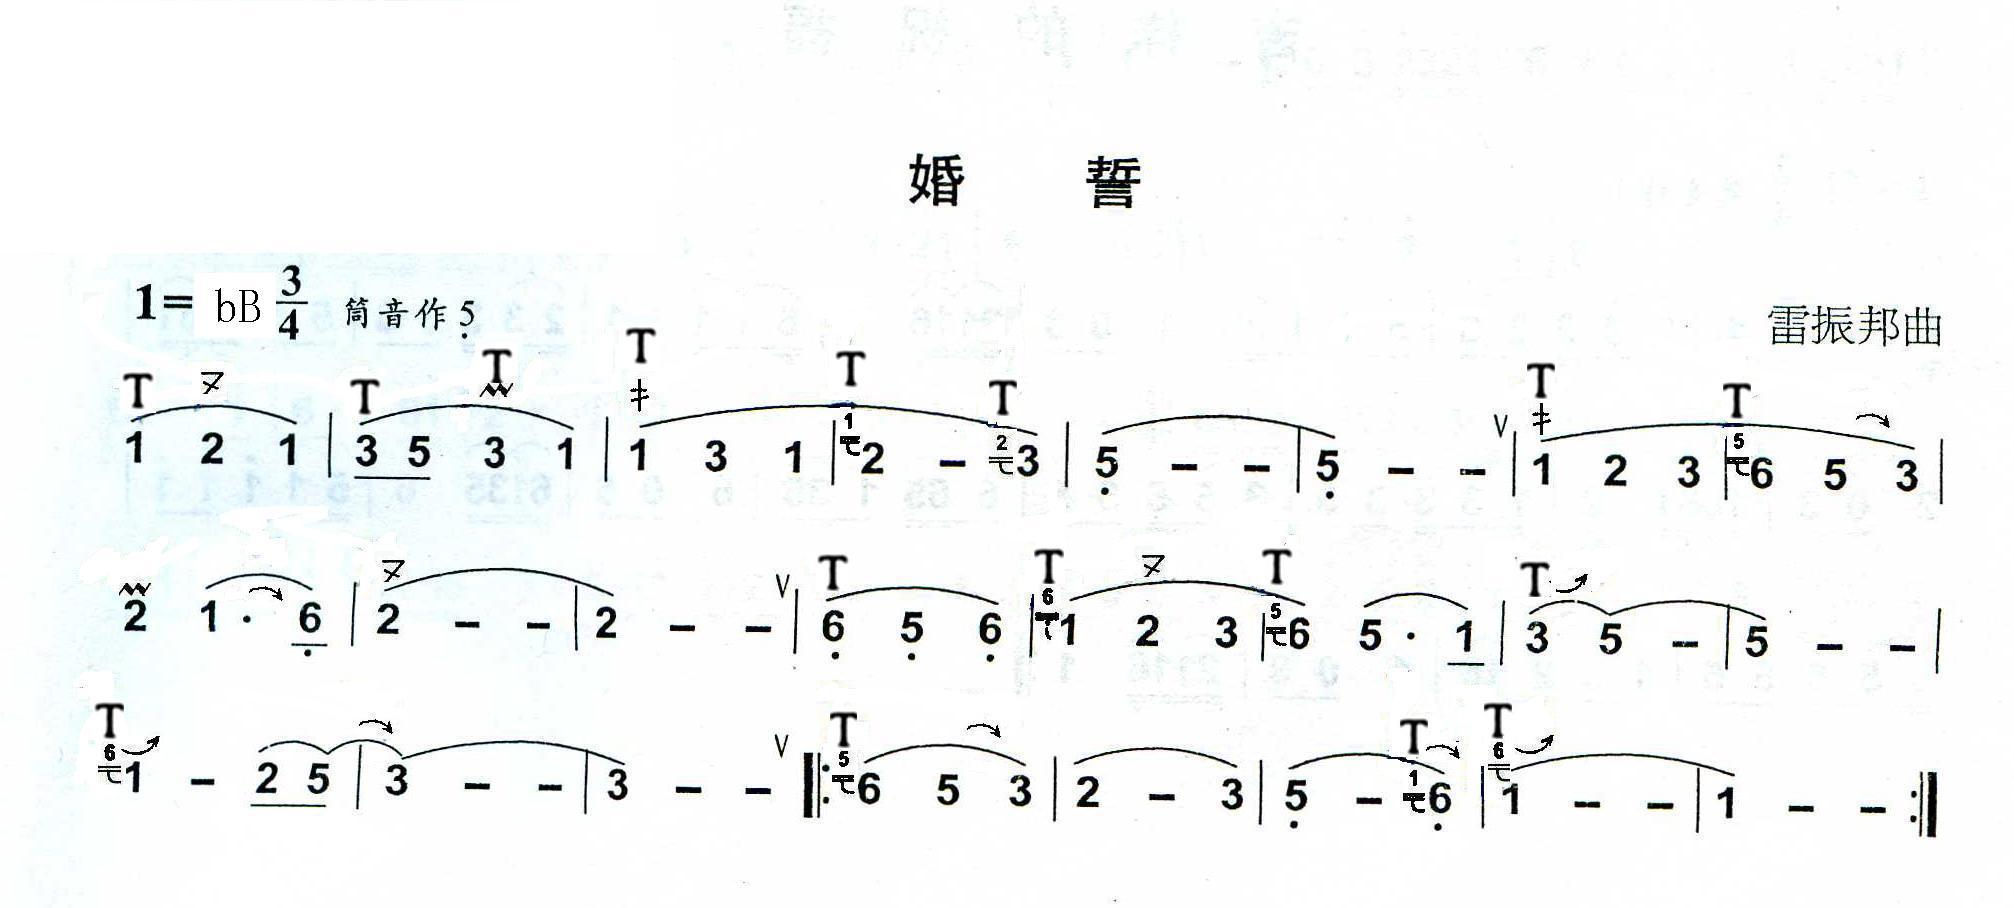 降b的葫芦丝,谁能帮忙把指法发过来,最好再附带一首简单的适合初学者